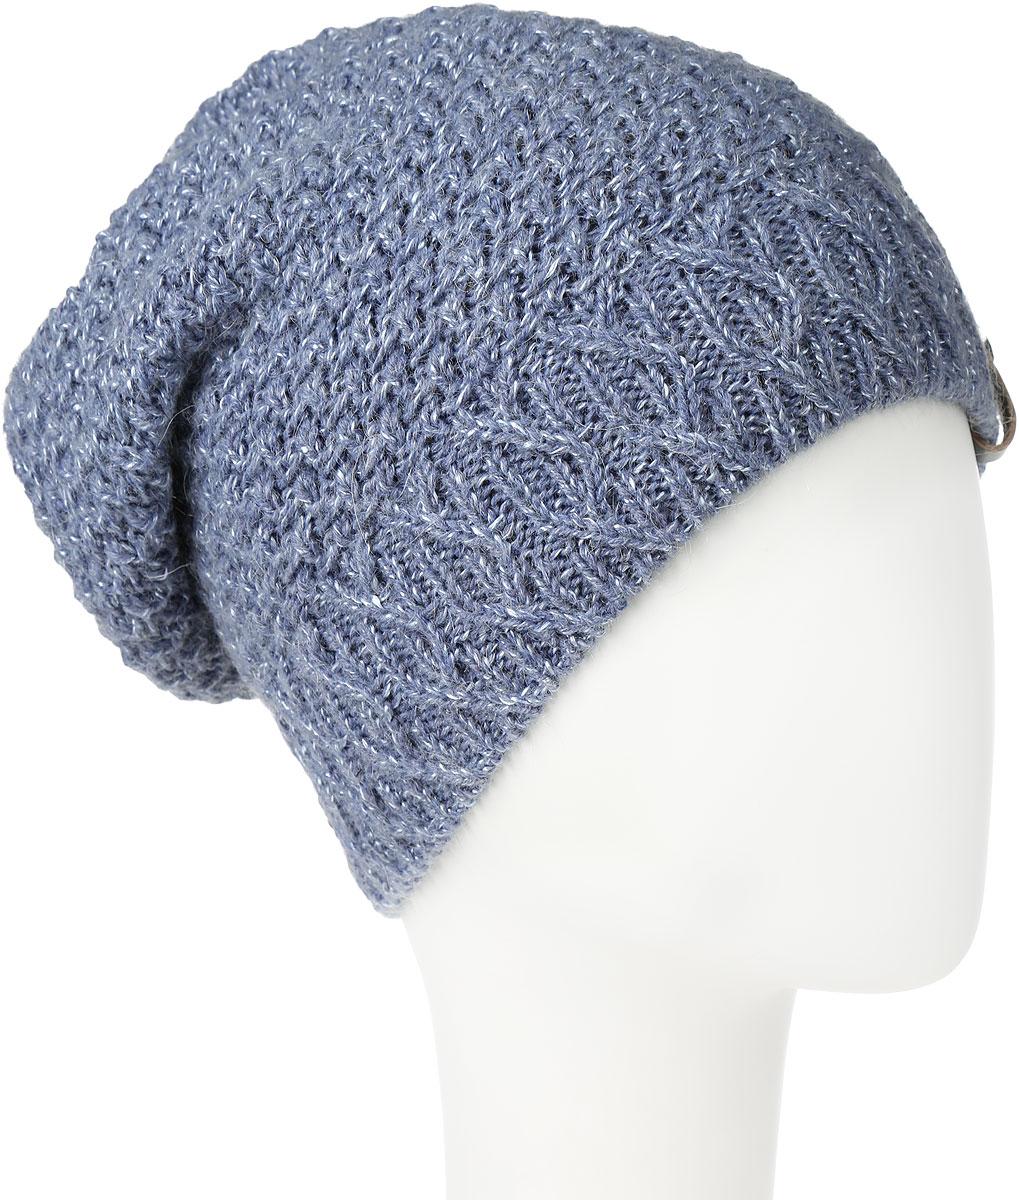 ШапкаMWH6766/2Теплая женская шапка Marhatter отлично дополнит ваш образ в холодную погоду. Сочетание шерсти и акрила максимально сохраняет тепло и обеспечивает удобную посадку, невероятную легкость и мягкость. Подкладка выполнена из мягкого флиса. Удлиненная шапка выполнена вязкой с узорами и дополнена фирменной нашивкой с логотипом бренда. Модель составит идеальный комплект с модной верхней одеждой, в ней вам будет уютно и тепло. Уважаемые клиенты! Размер, доступный для заказа, является обхватом головы.